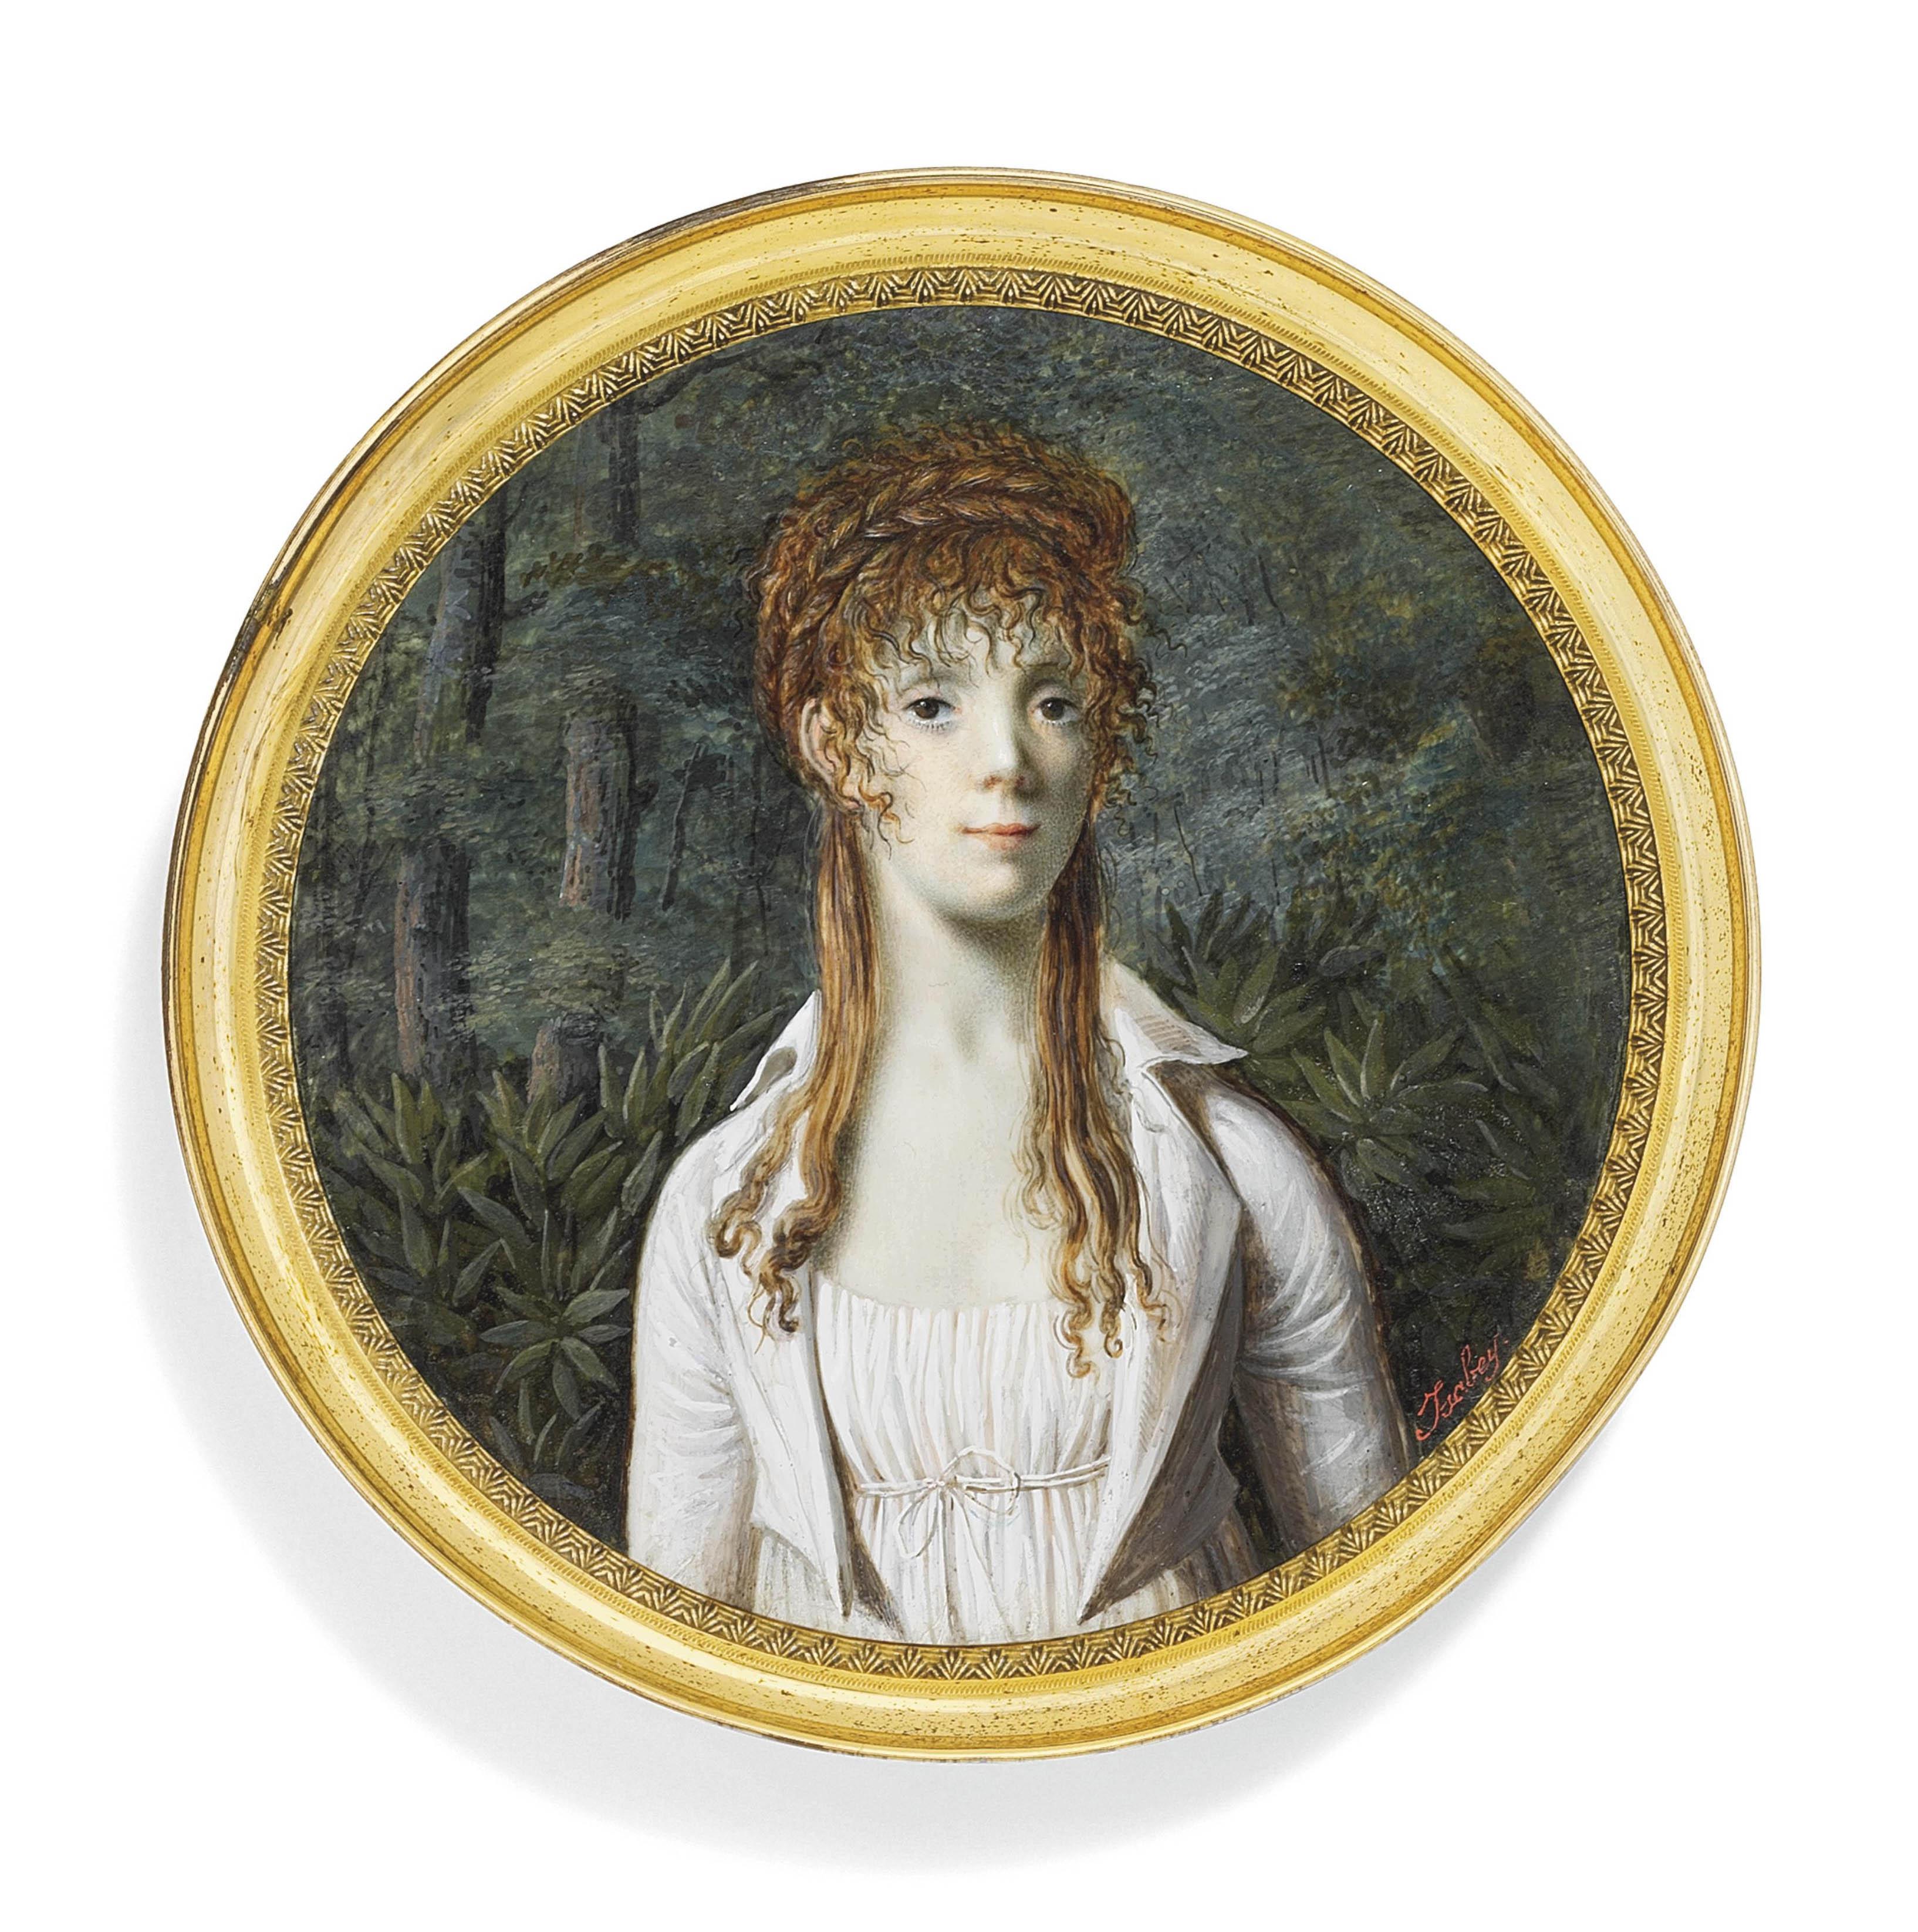 ANTHELME FRANÇOIS LAGRENEE (FRENCH, 1774-1832)